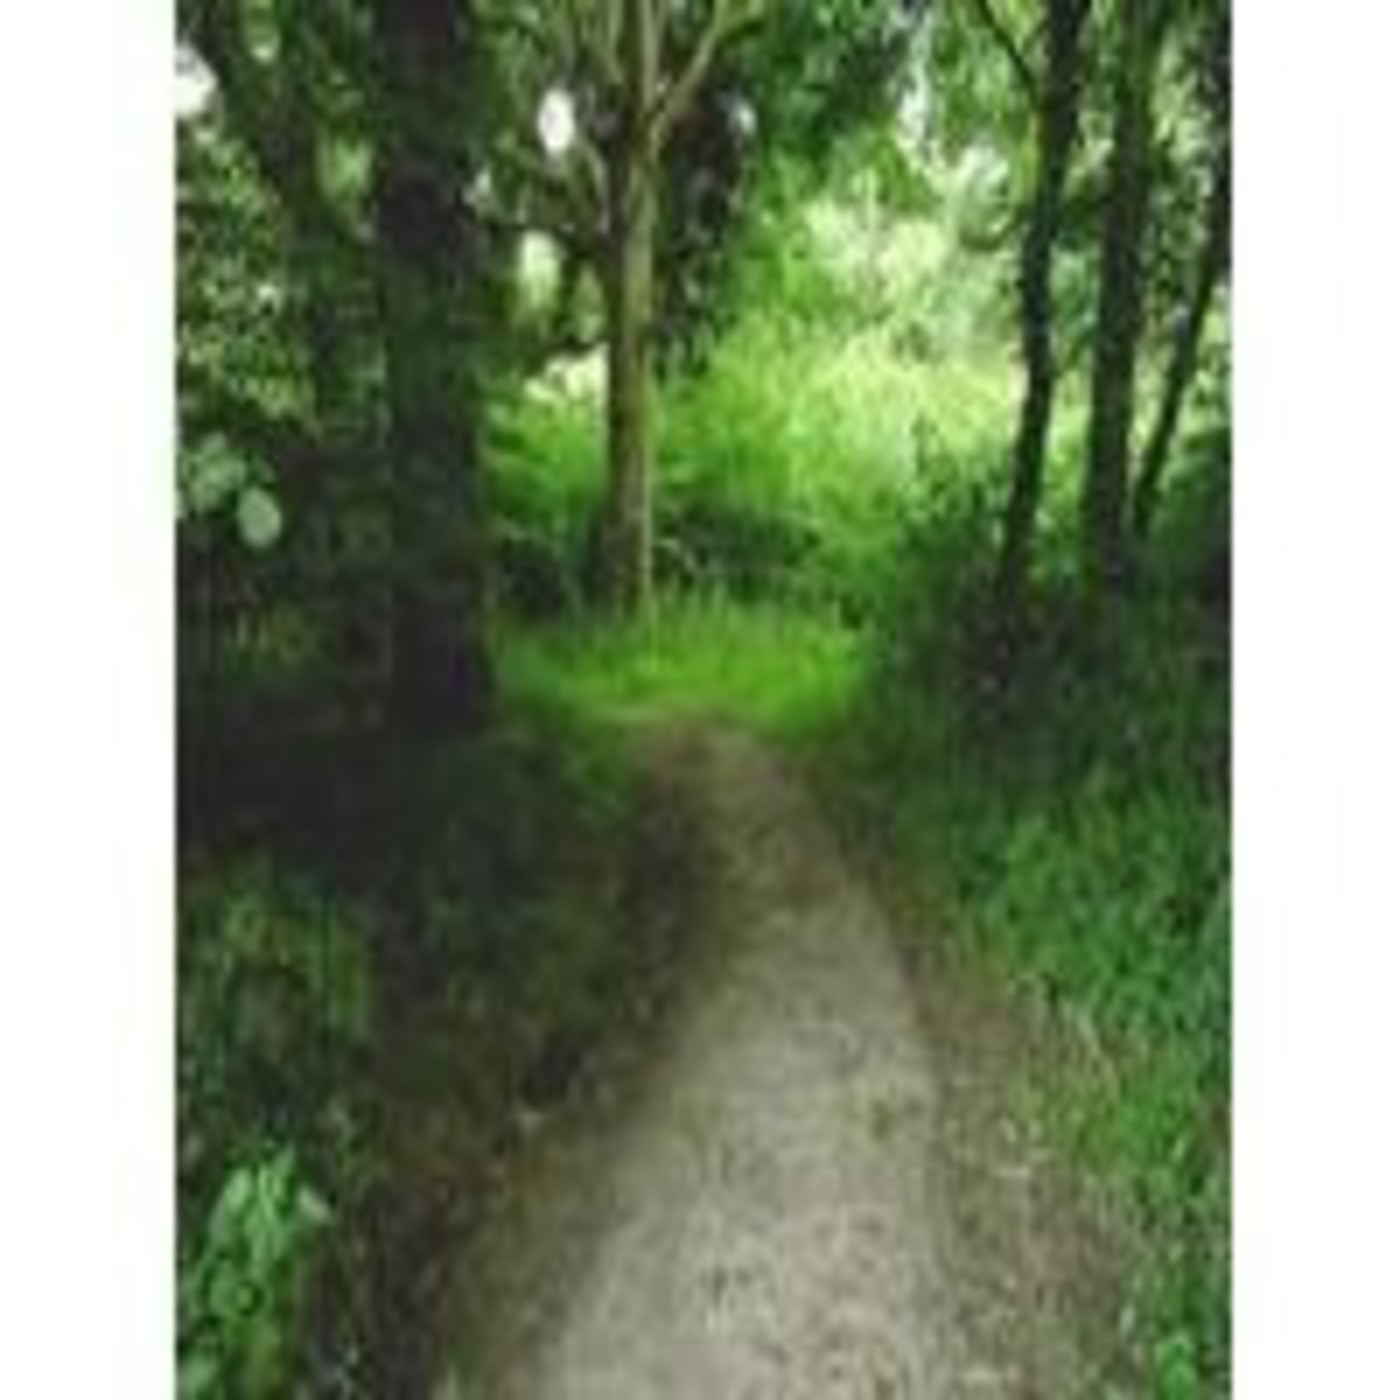 156 - ¿Qué ocurre en el bosque de Clapham? Vol.1